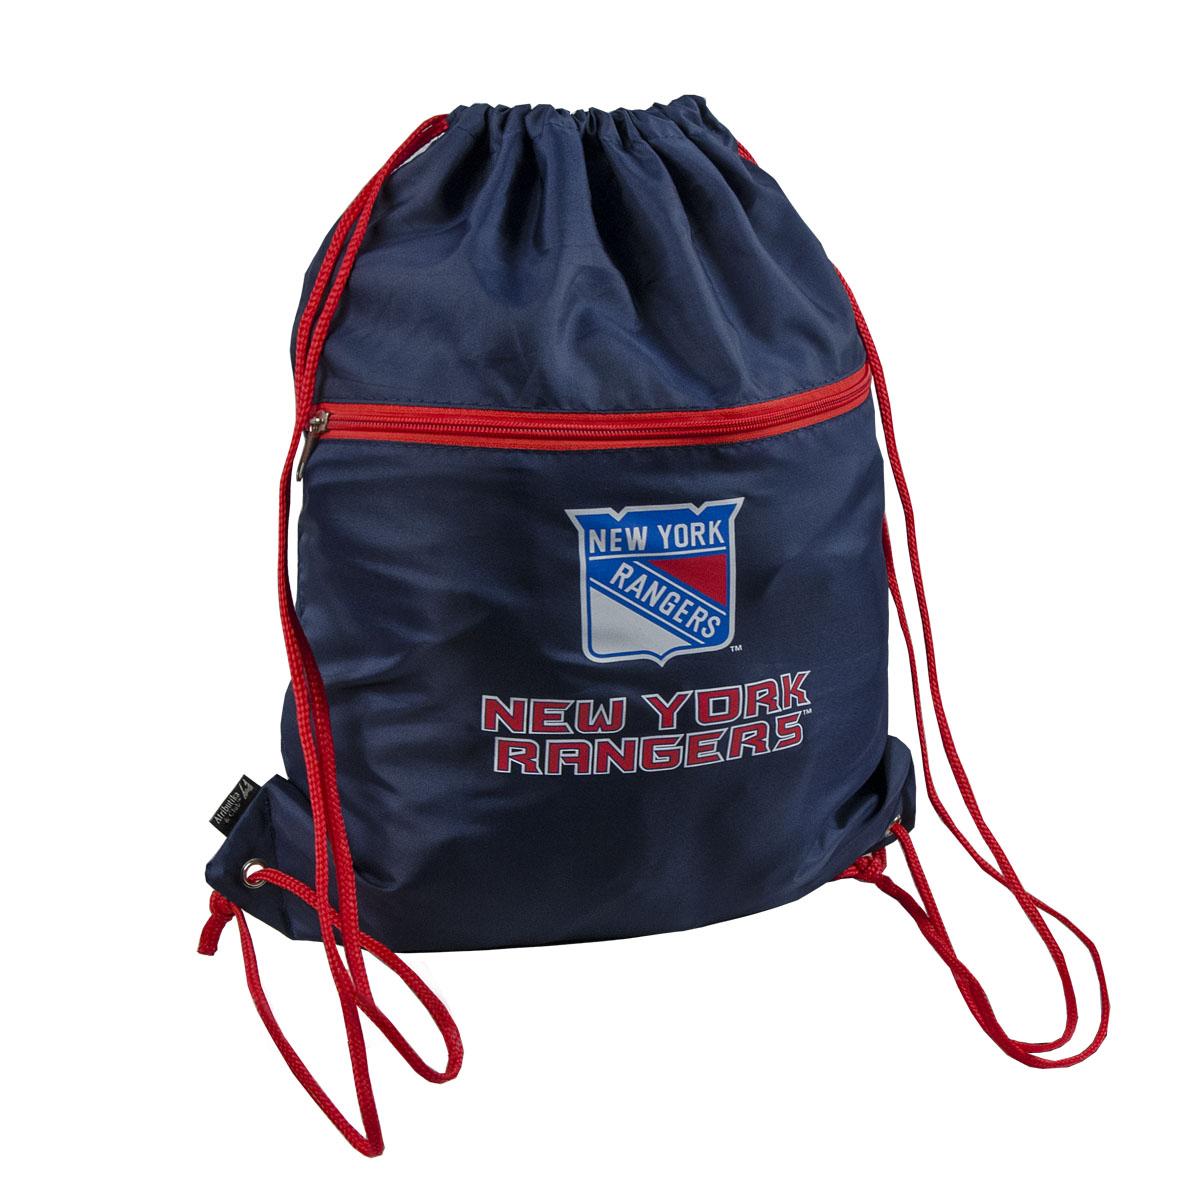 """Мешок на шнурке NHL """"Rangers"""" выполнен из 100% полиэстера. Он выполняет функции рюкзака, благодаря плечевым лямкам, которые надежно фиксируют изделие у его верхнего основания. Мешок имеет 2 отделения, одно из которых закрывается на молнию. Украшен эмблемой хоккейной команды Rangers."""